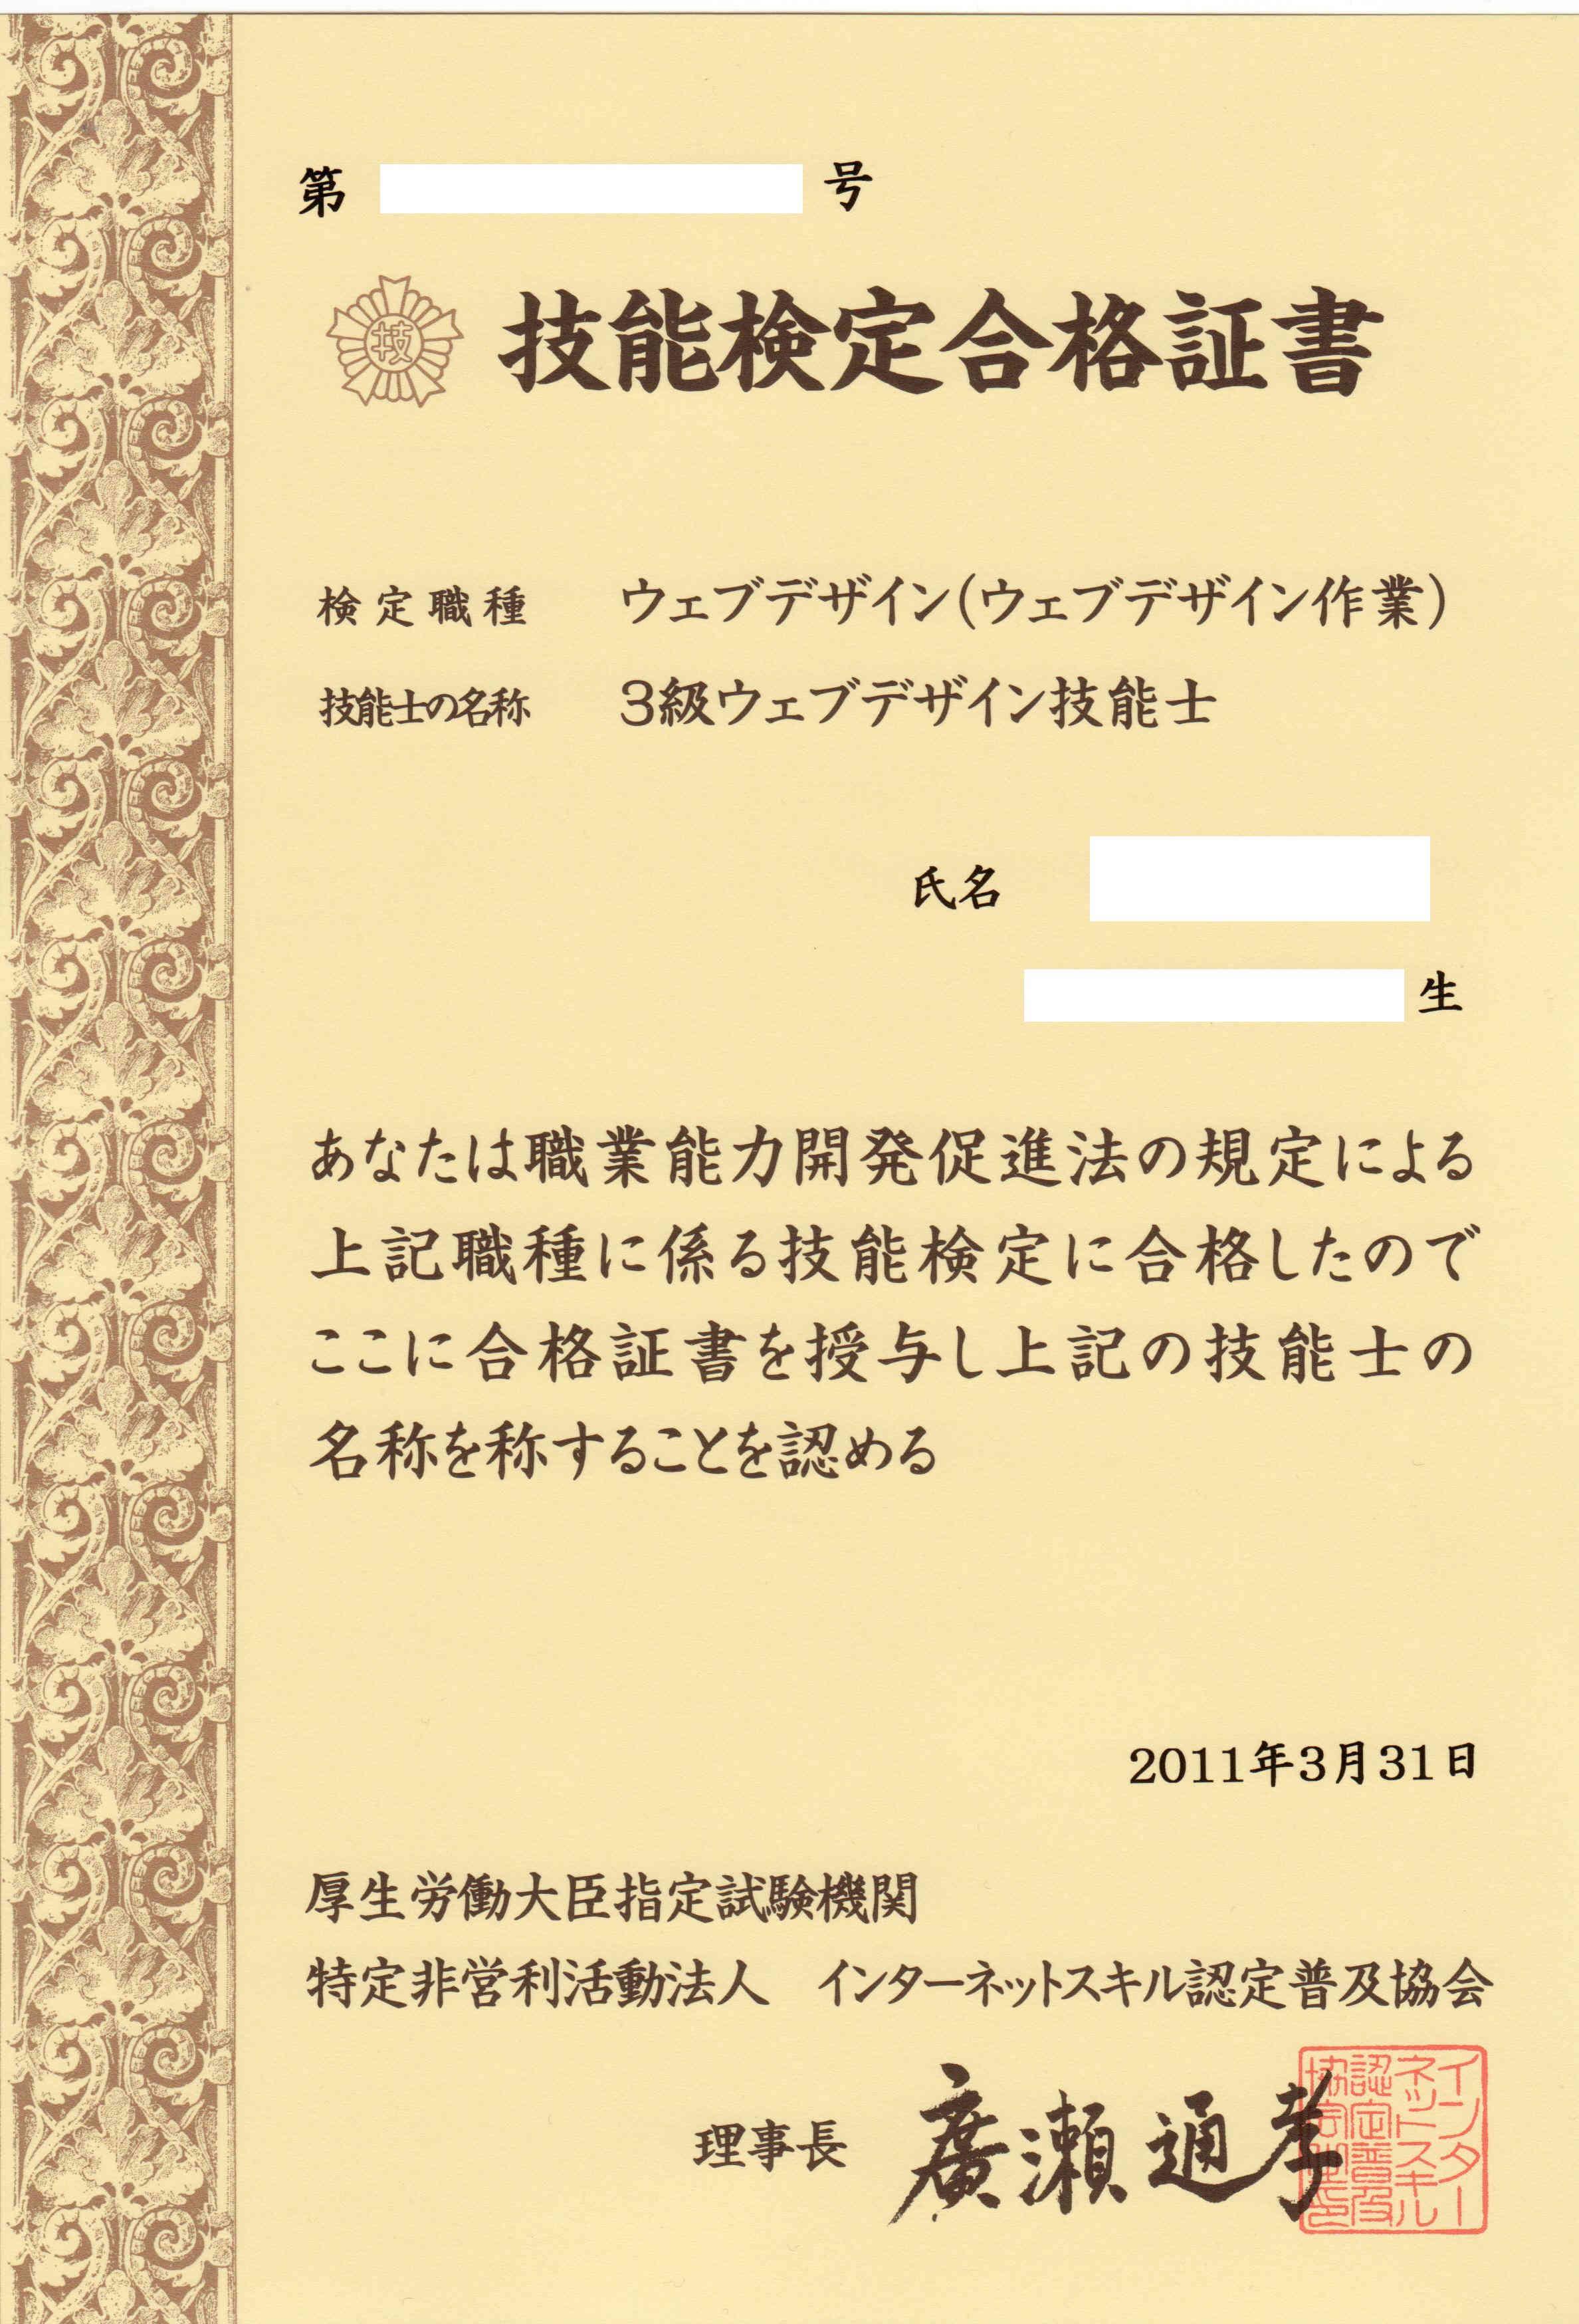 崖☆日記 ウェブデザイン技能検定...